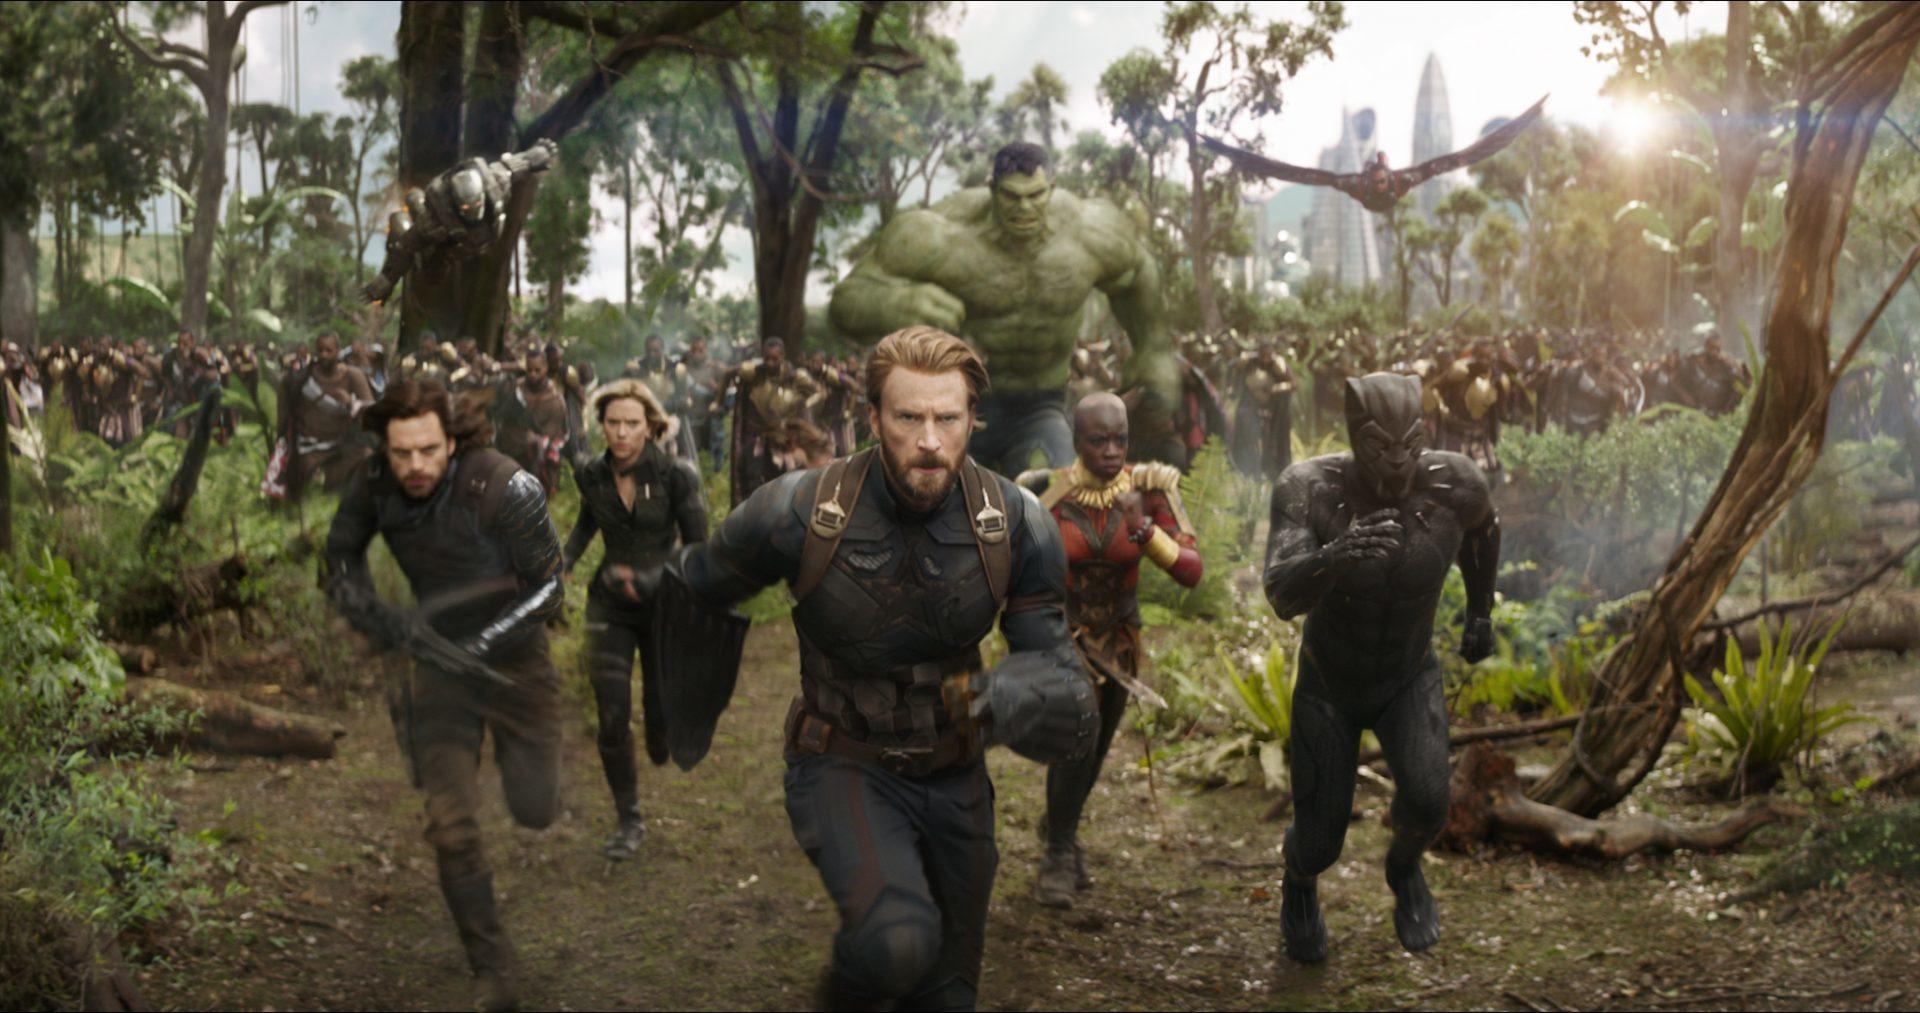 Avengers: Infinity War: Vystřižená scéna s inteligentním Hulkem a další videa | Fandíme filmu